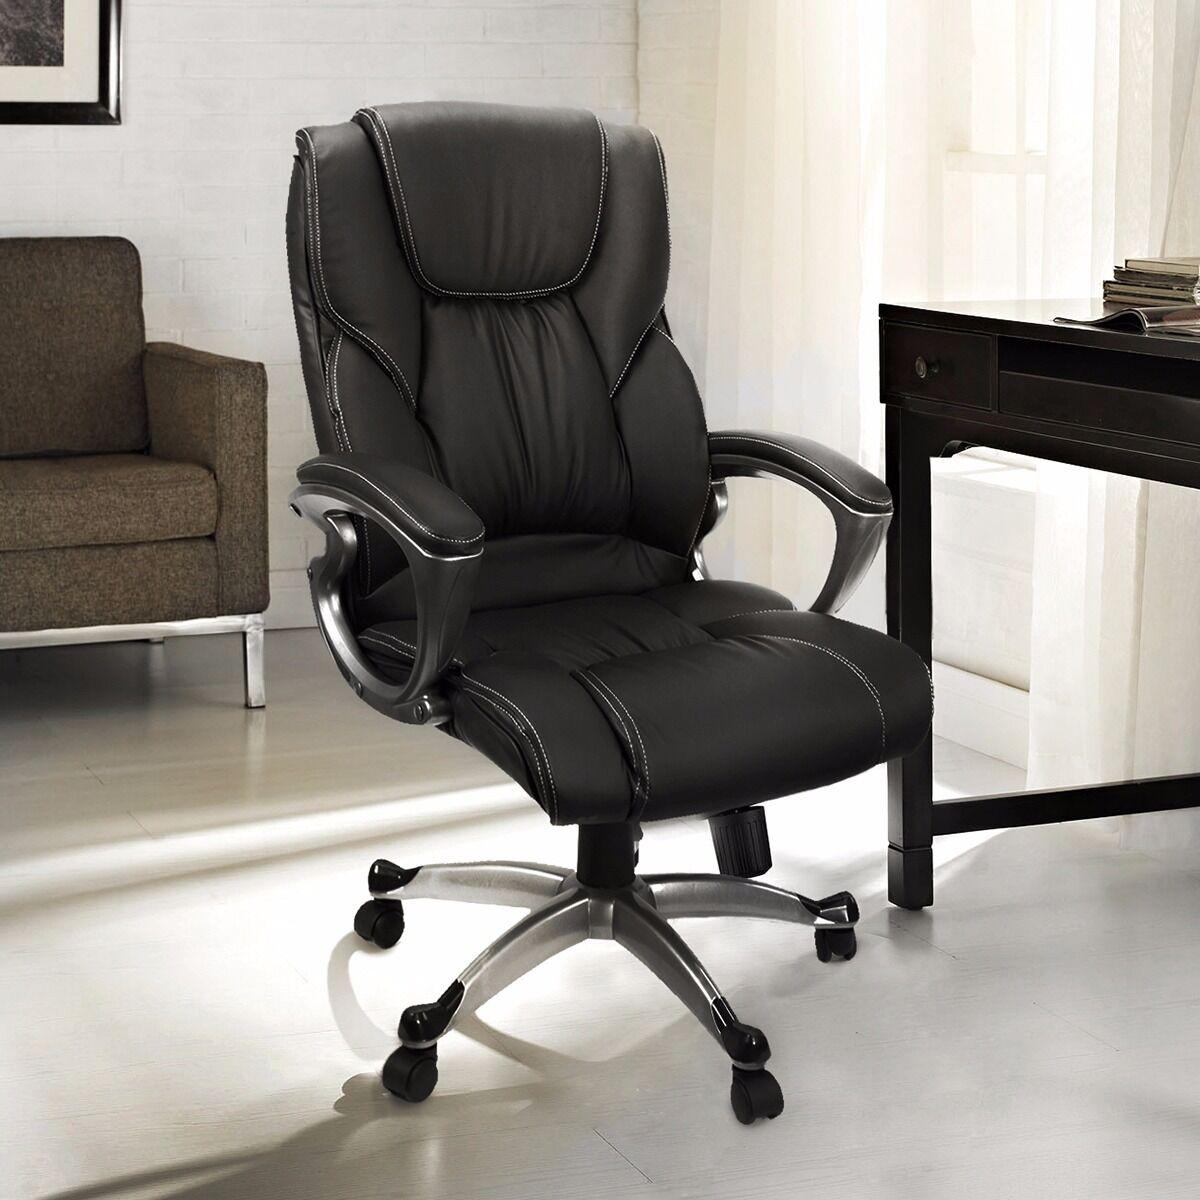 Най-добрите производители на офис столове през 2020 г.